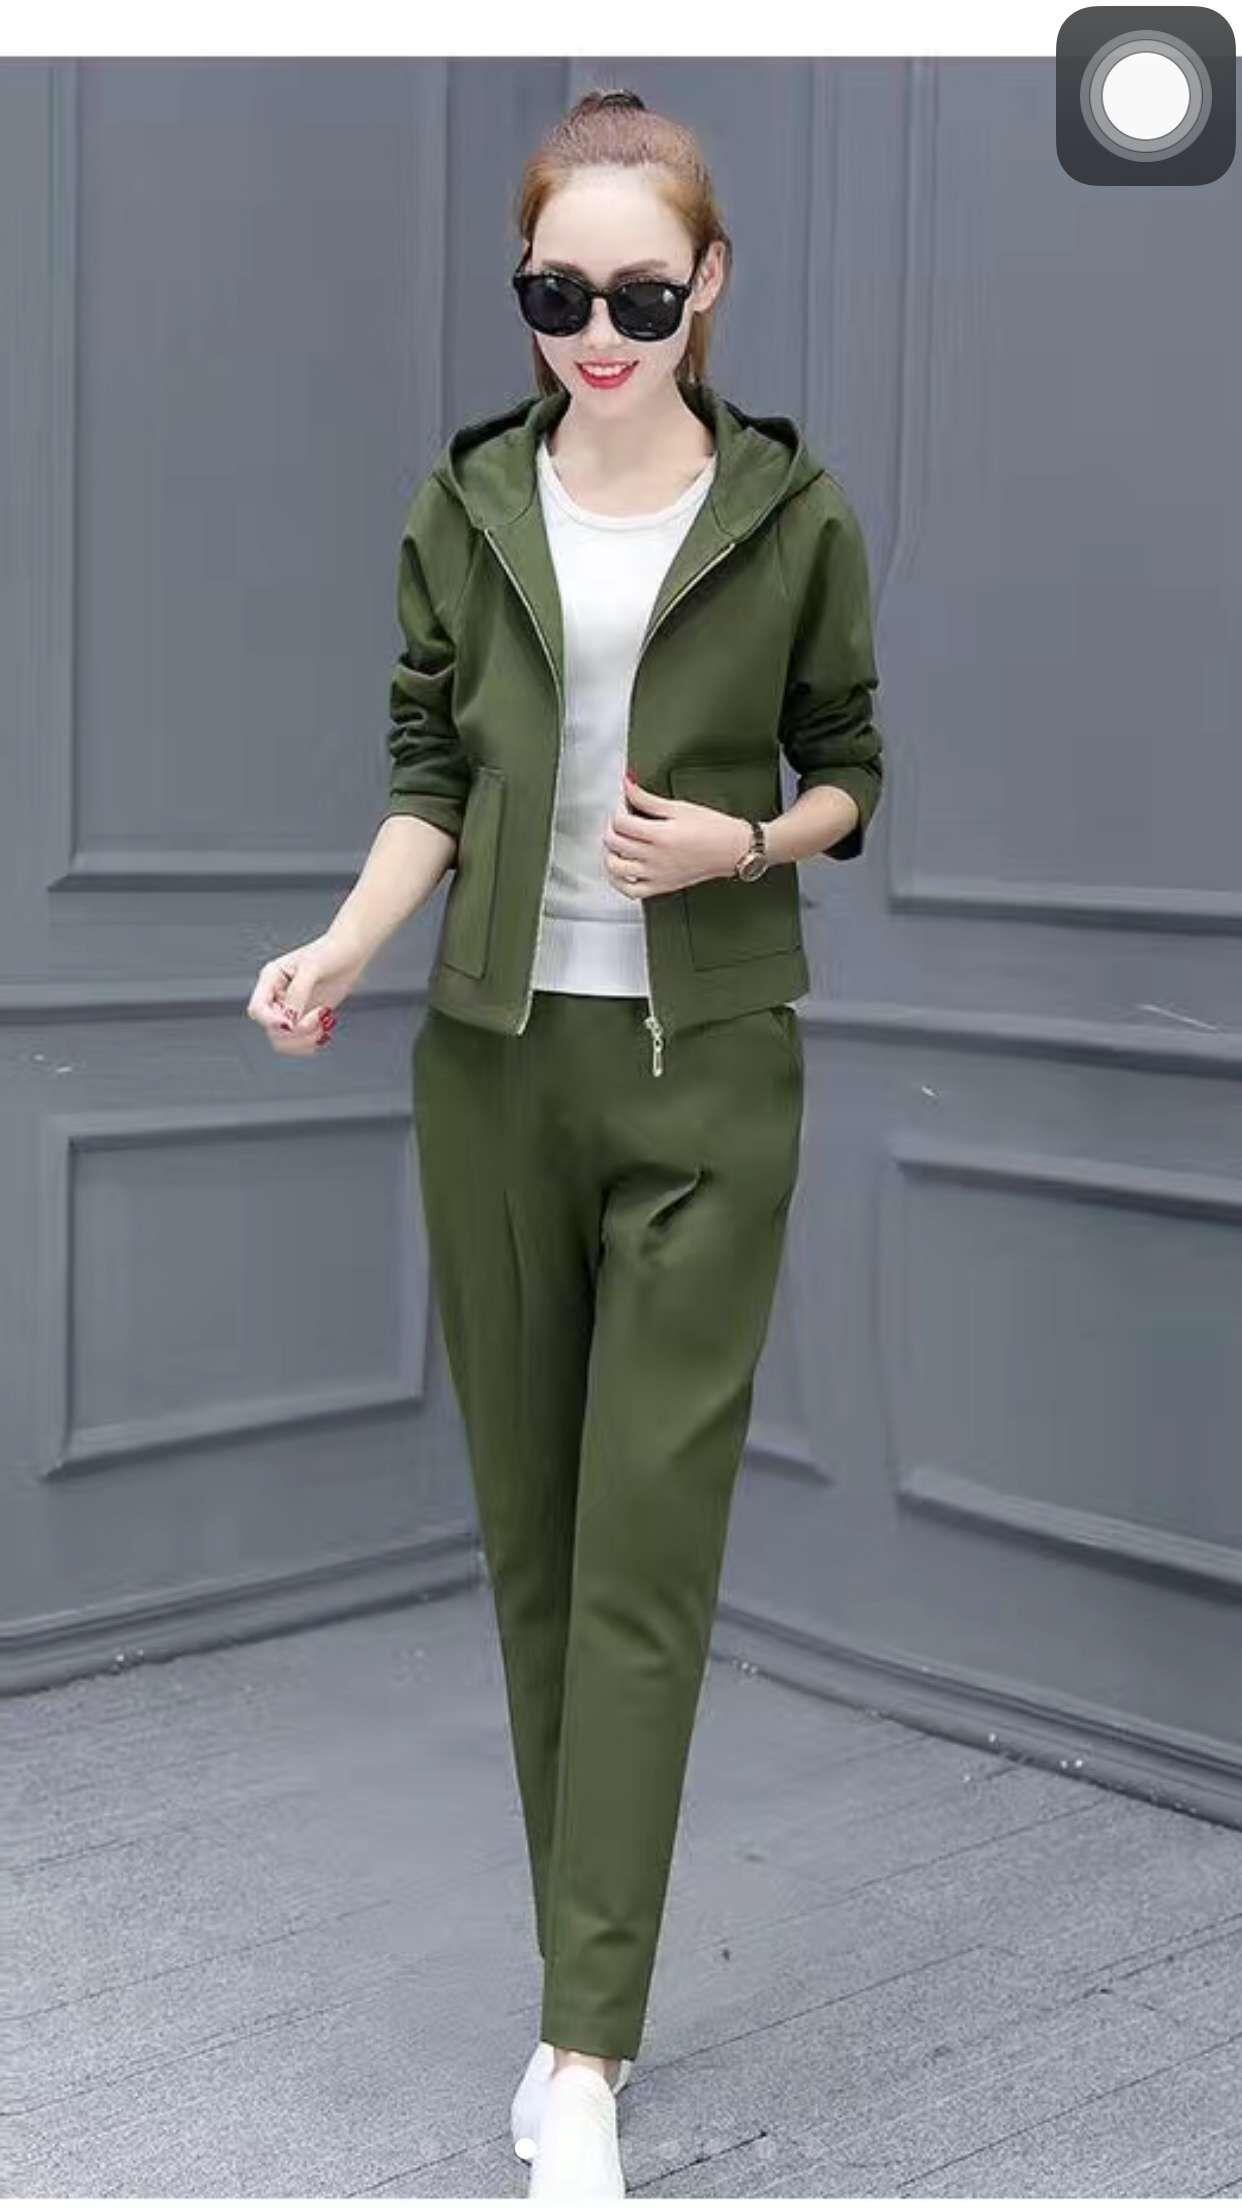 这是第7张潮流服饰厂家直销时尚女装一件代发货的货源图片